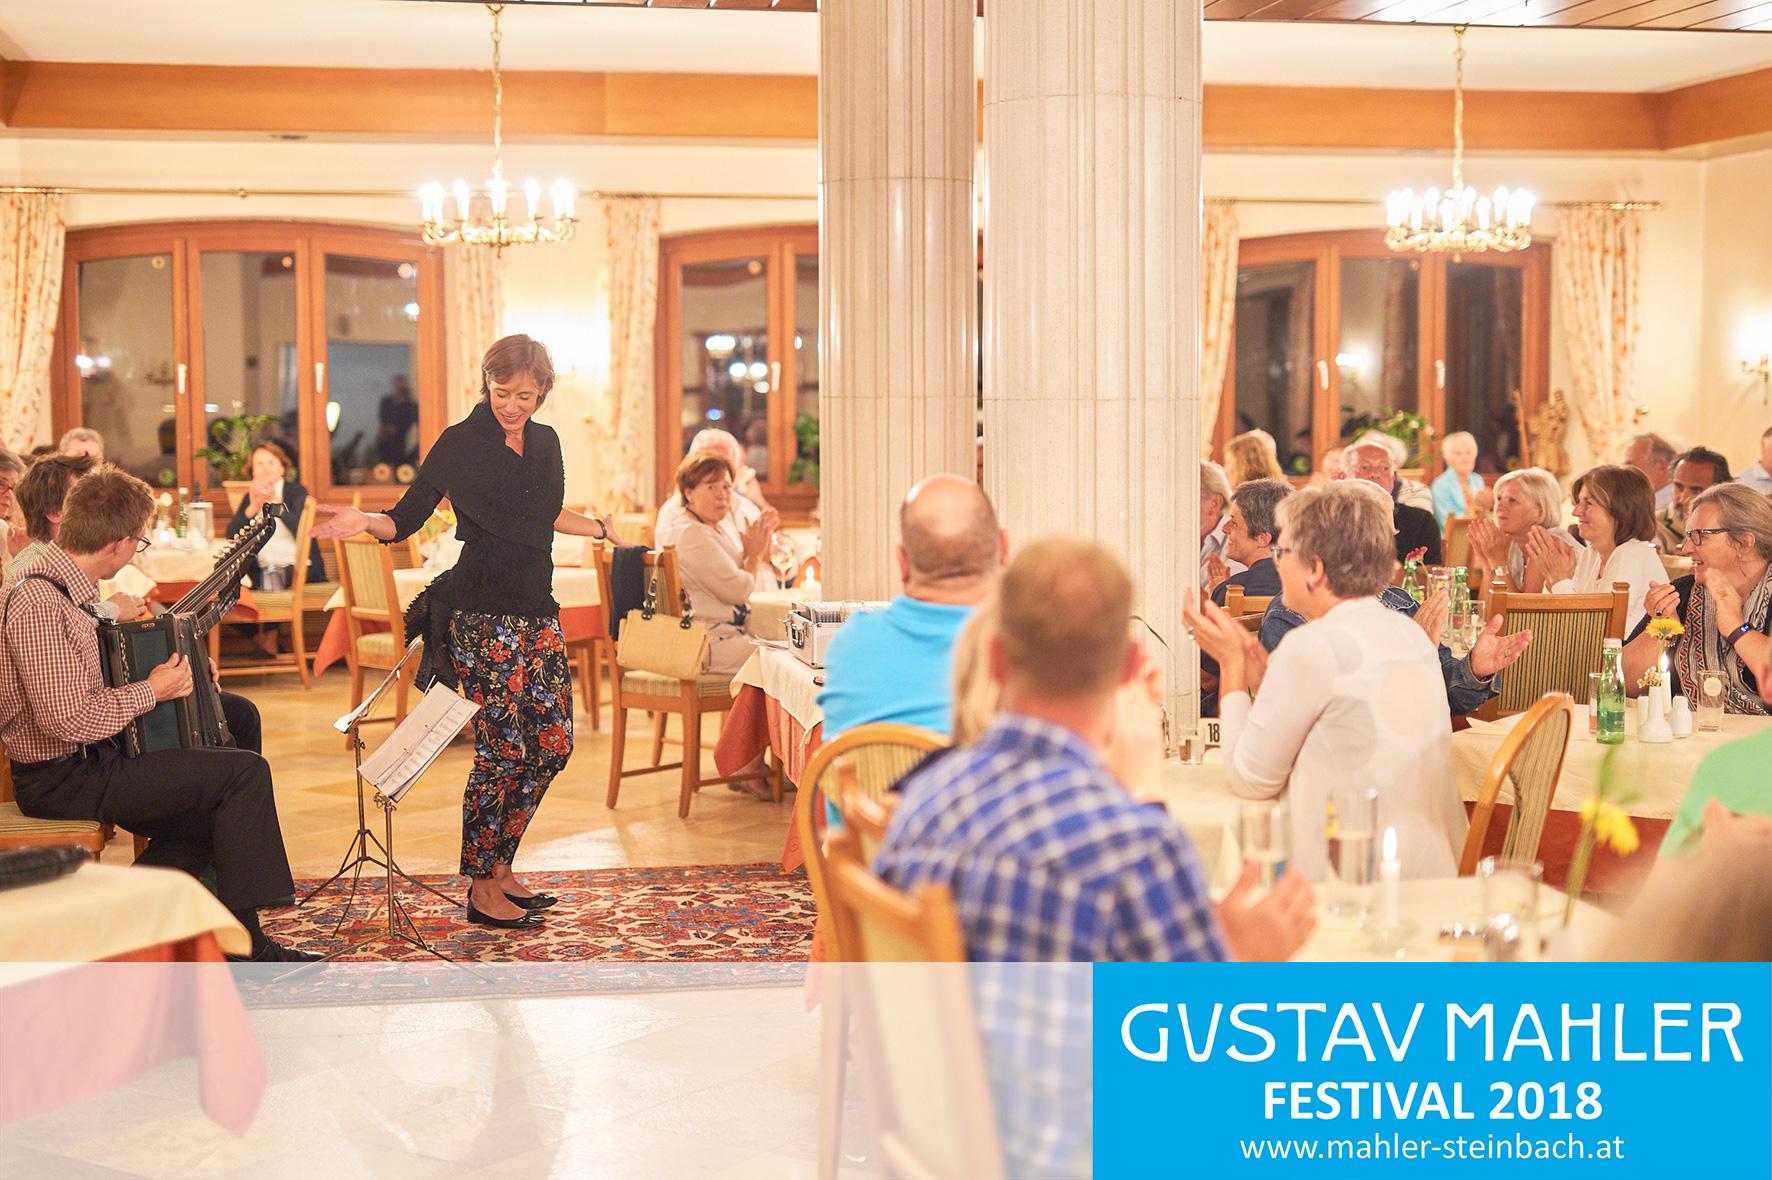 Agnes Palmisano Trio beim 3. Gustav Mahler Festival in Steinbach